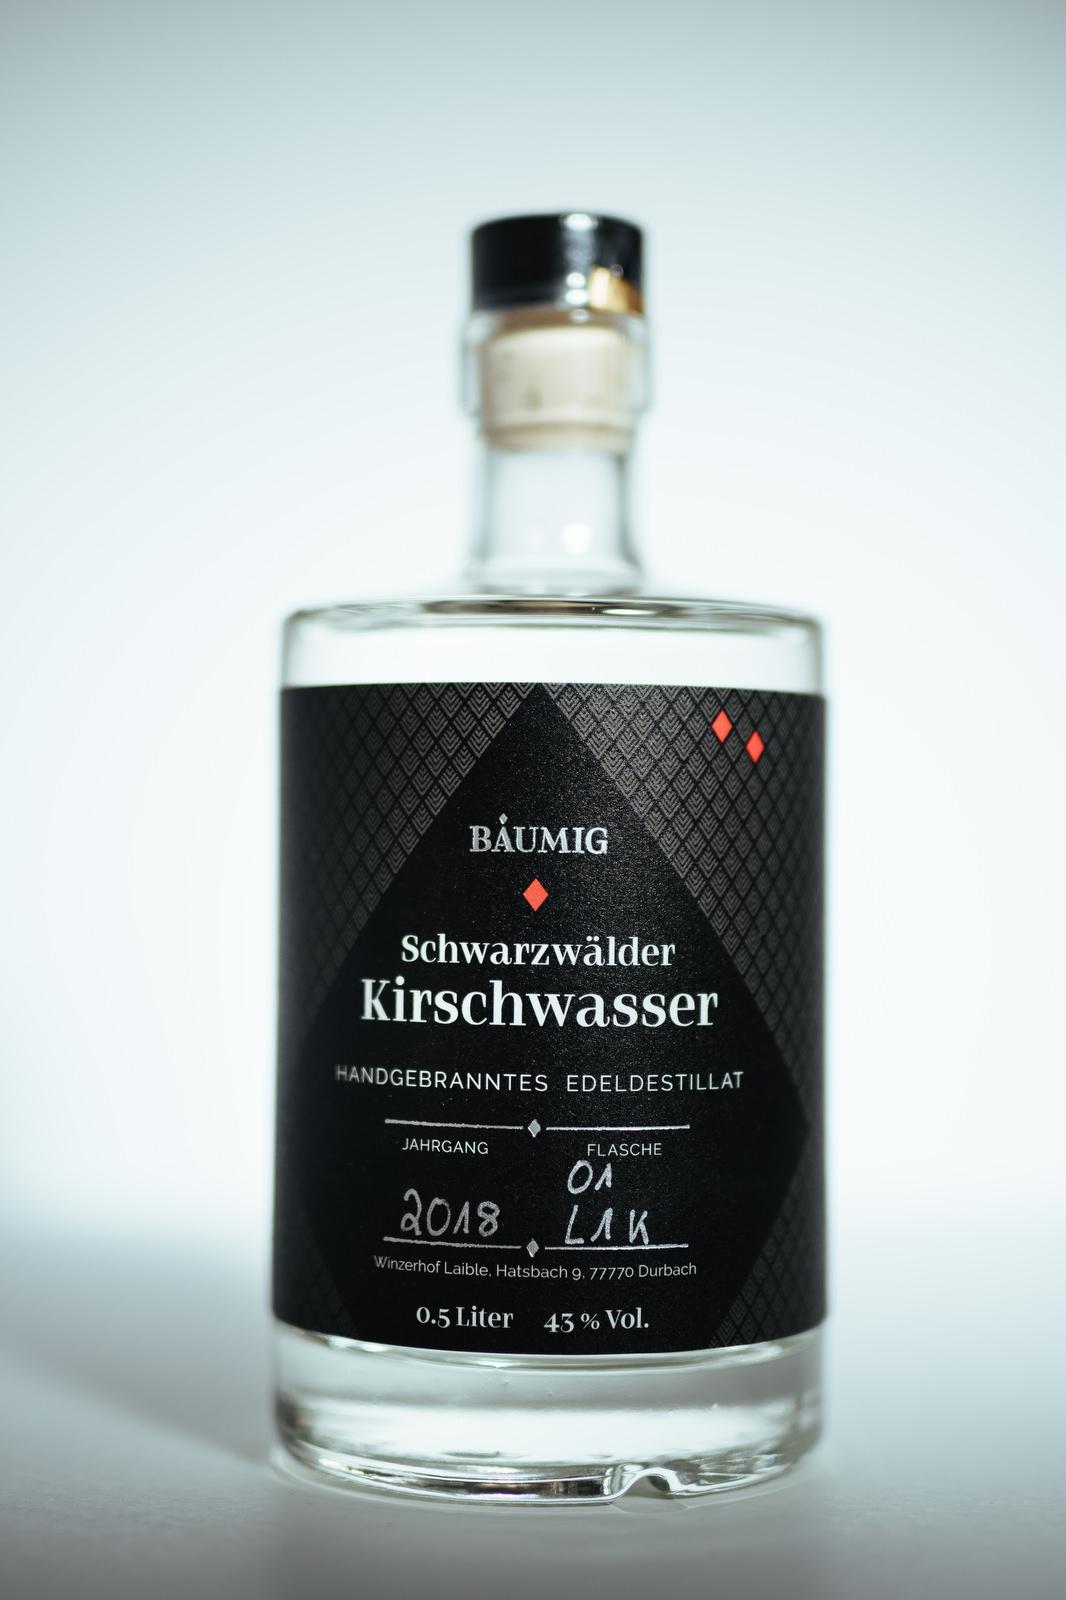 Edeldestillat Schwarzwälder Kirschwasser Flasche kaufen